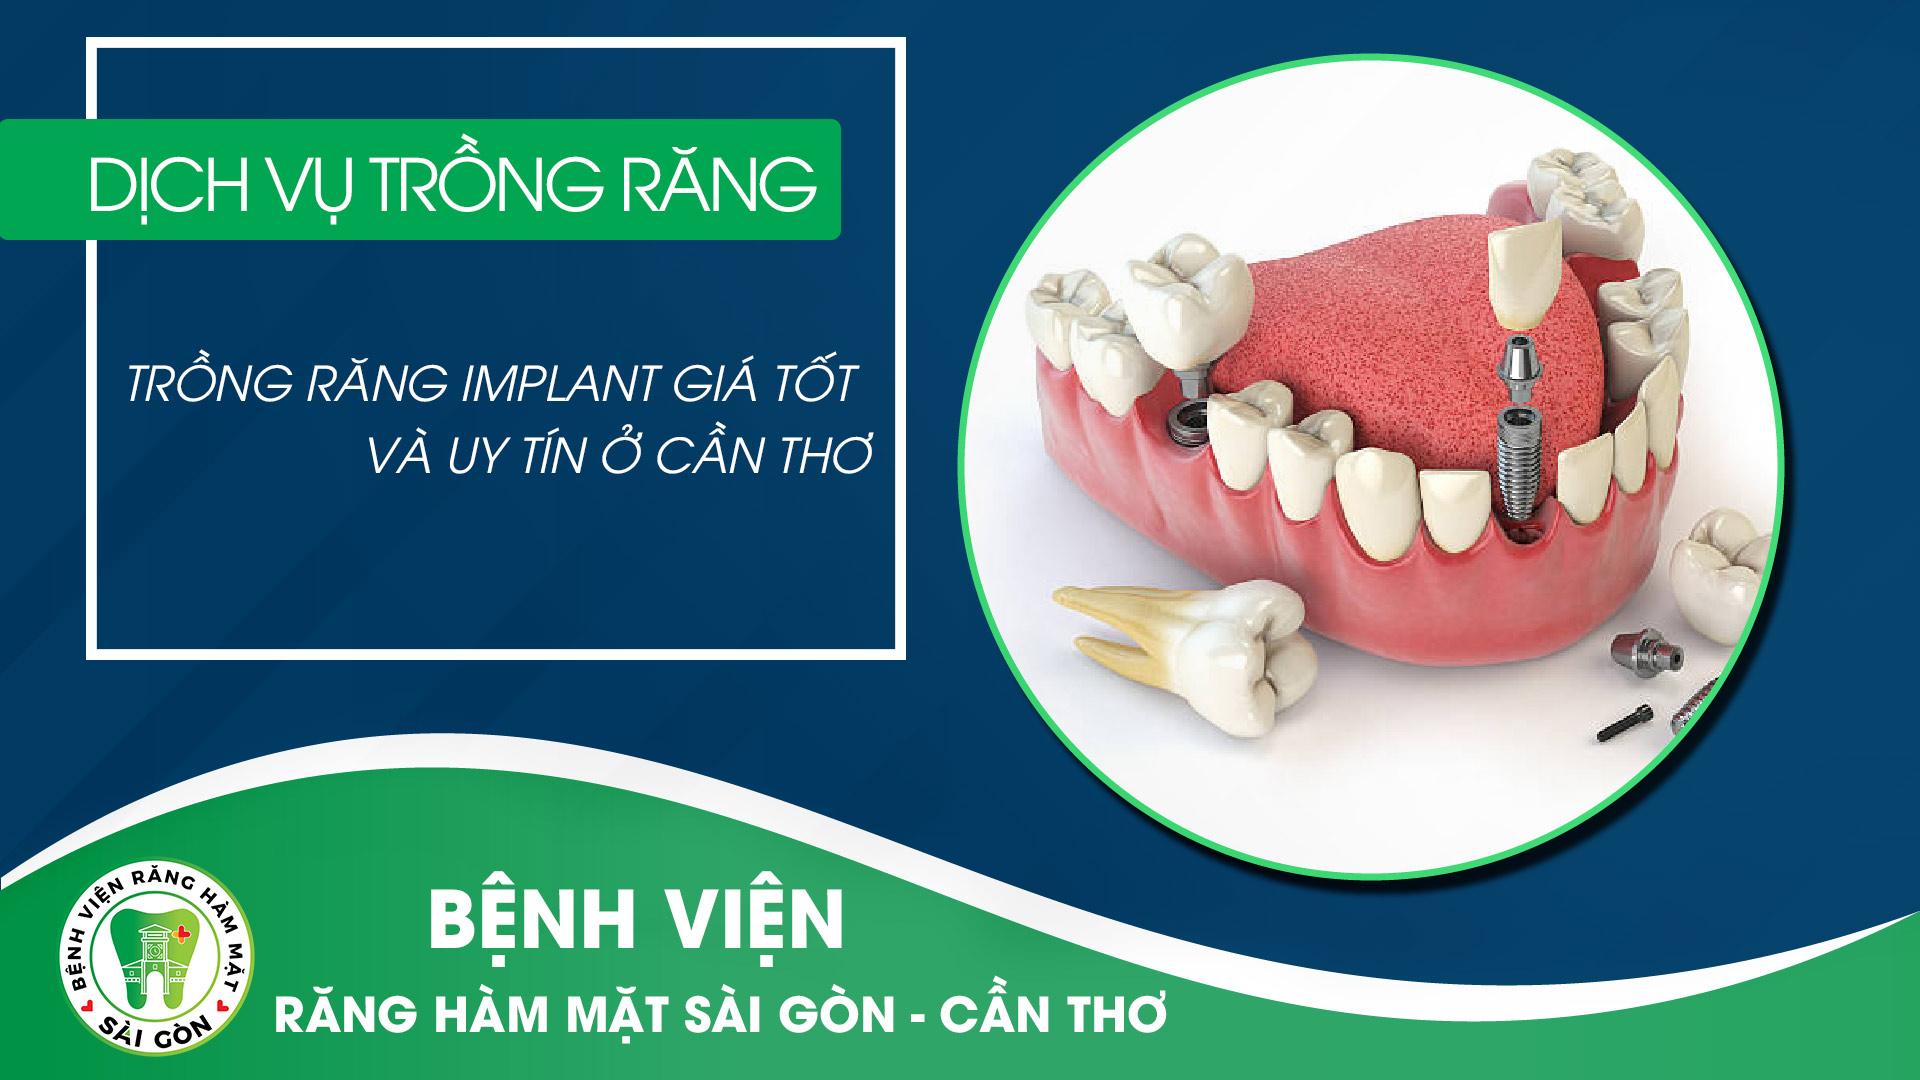 trong-rang-implant-gia-tot-va-uy-tin-o-can-tho